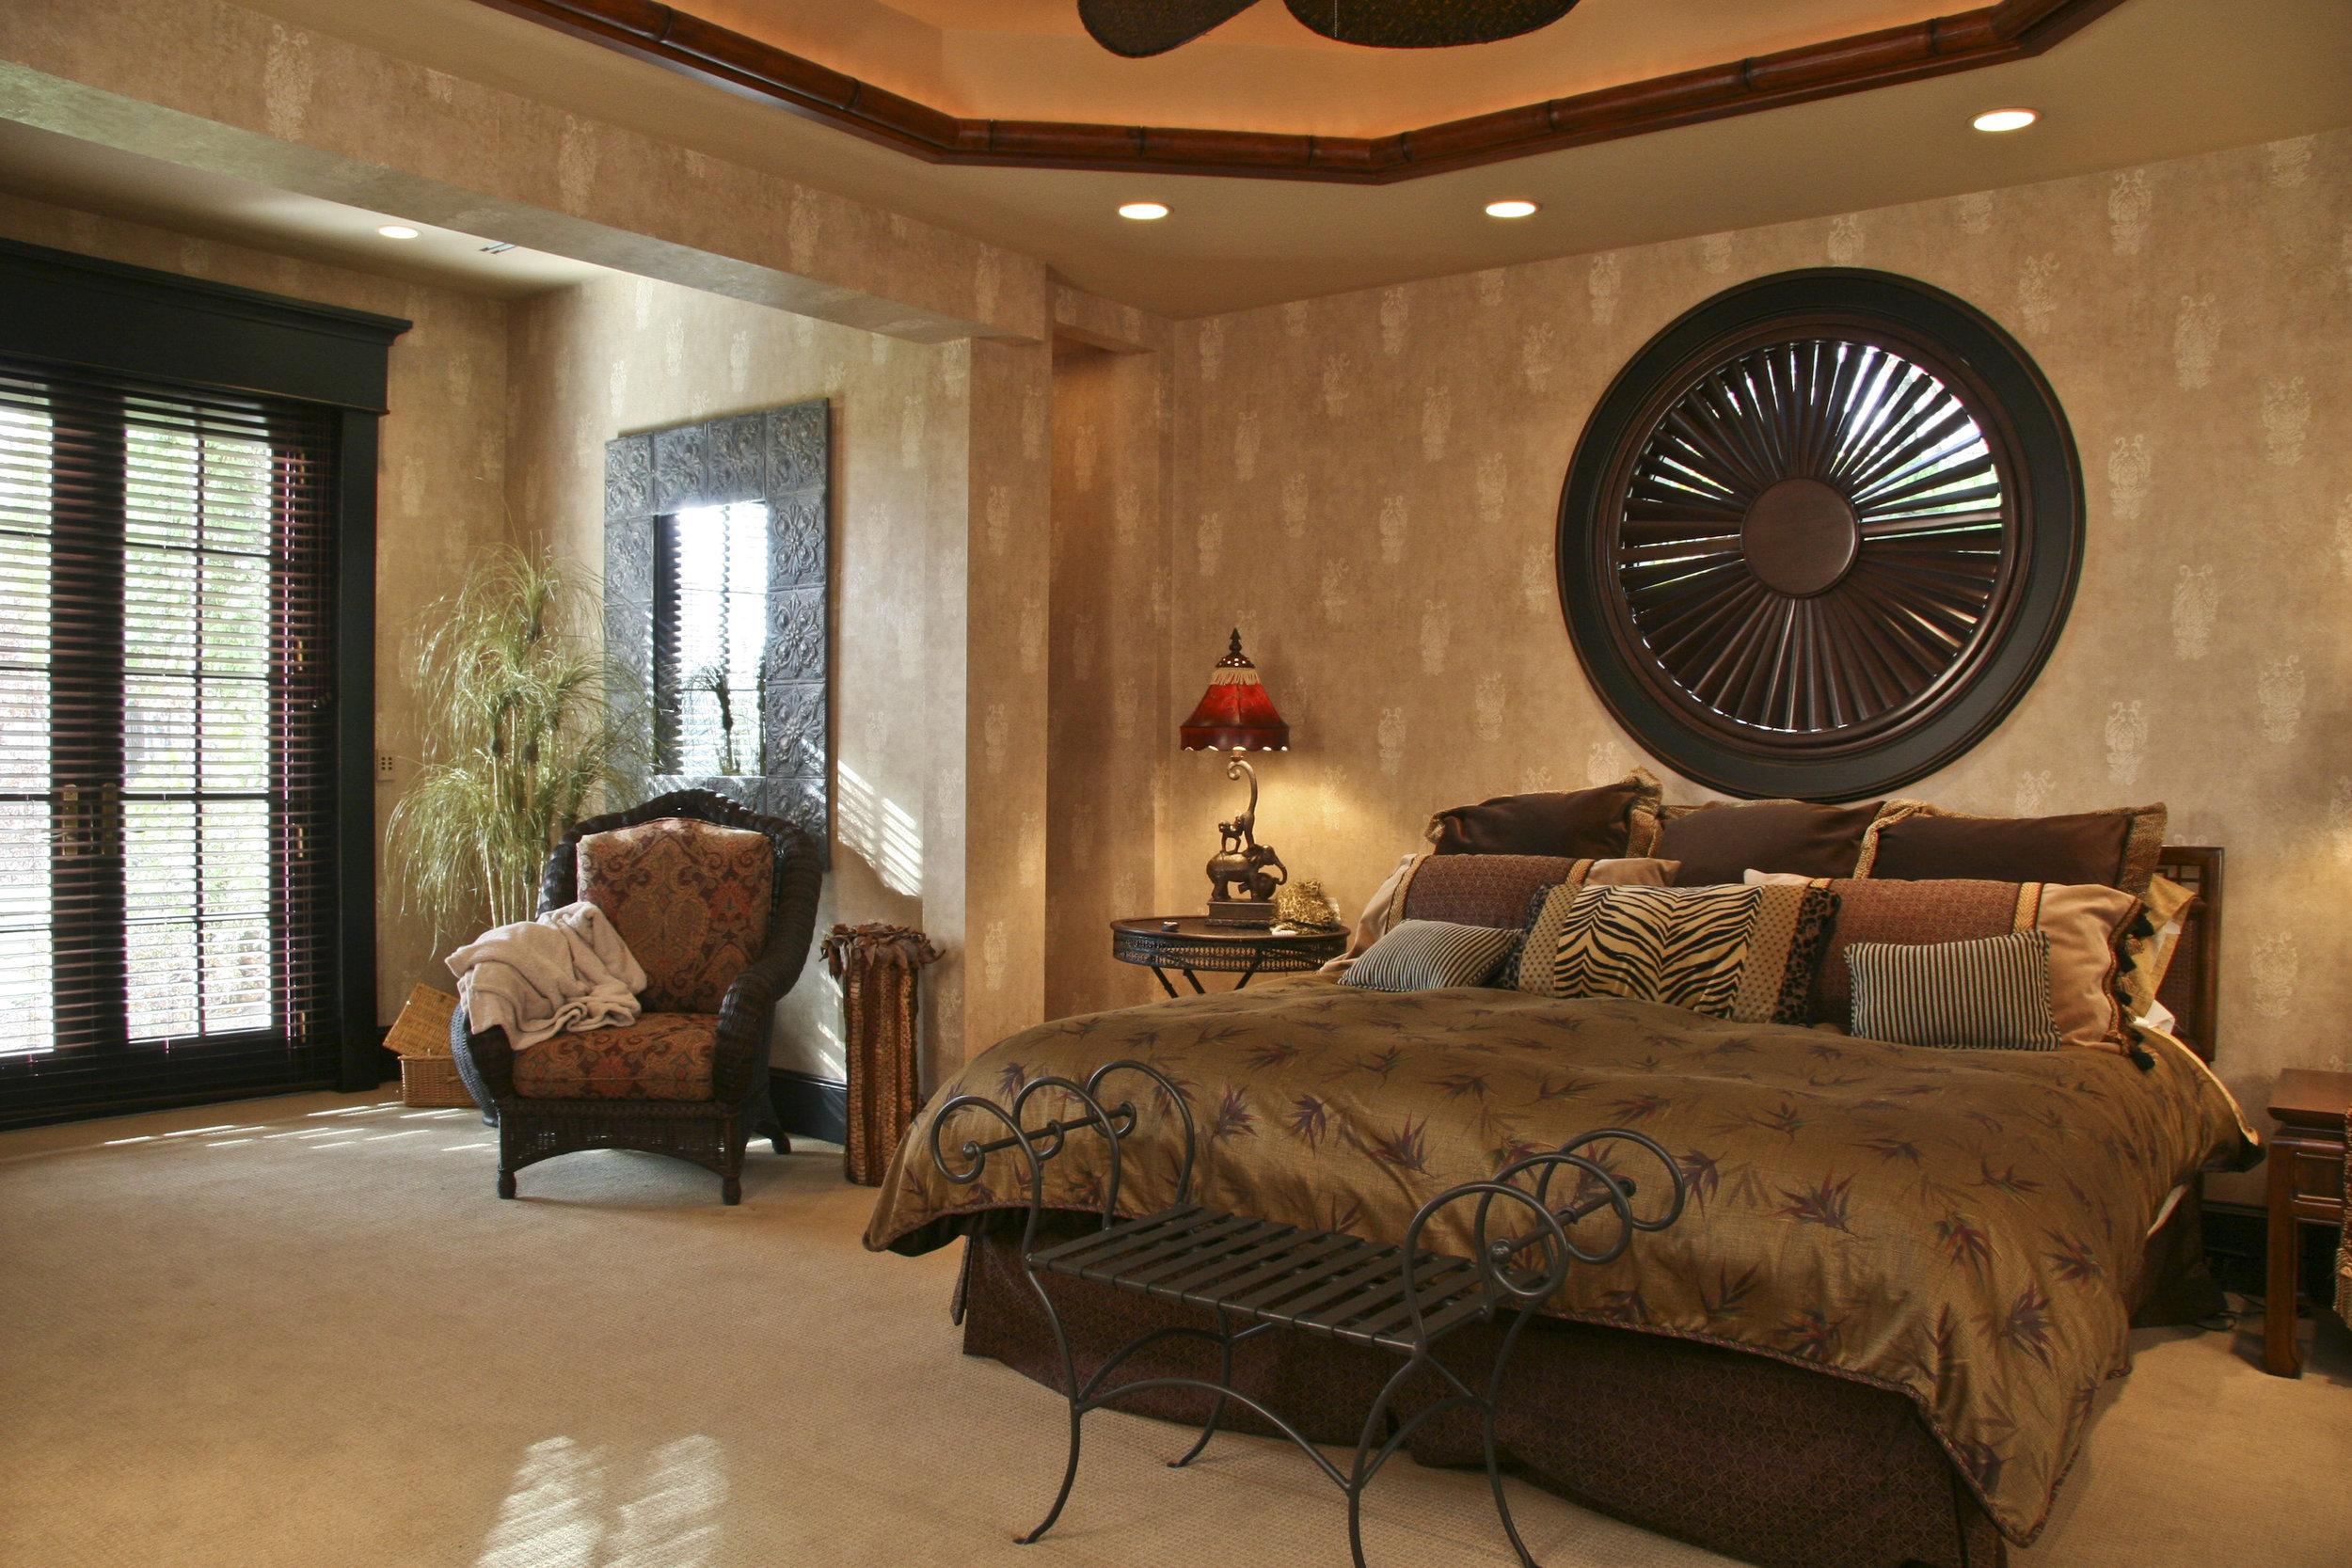 Jungle Room IMG_0286.jpg